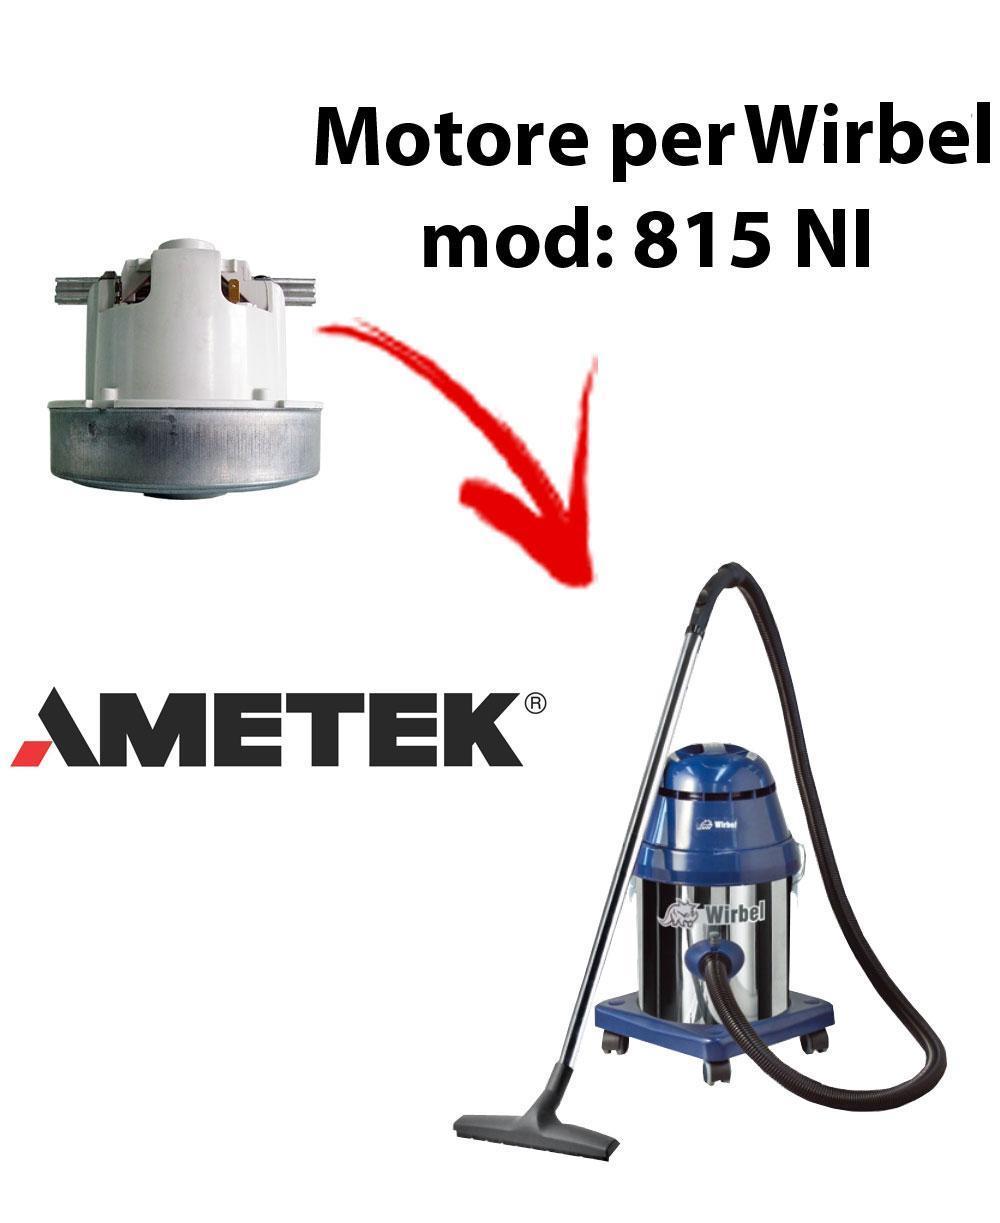 815 NI  Motore de aspiración AMETEK para aspiradora WIRBEL